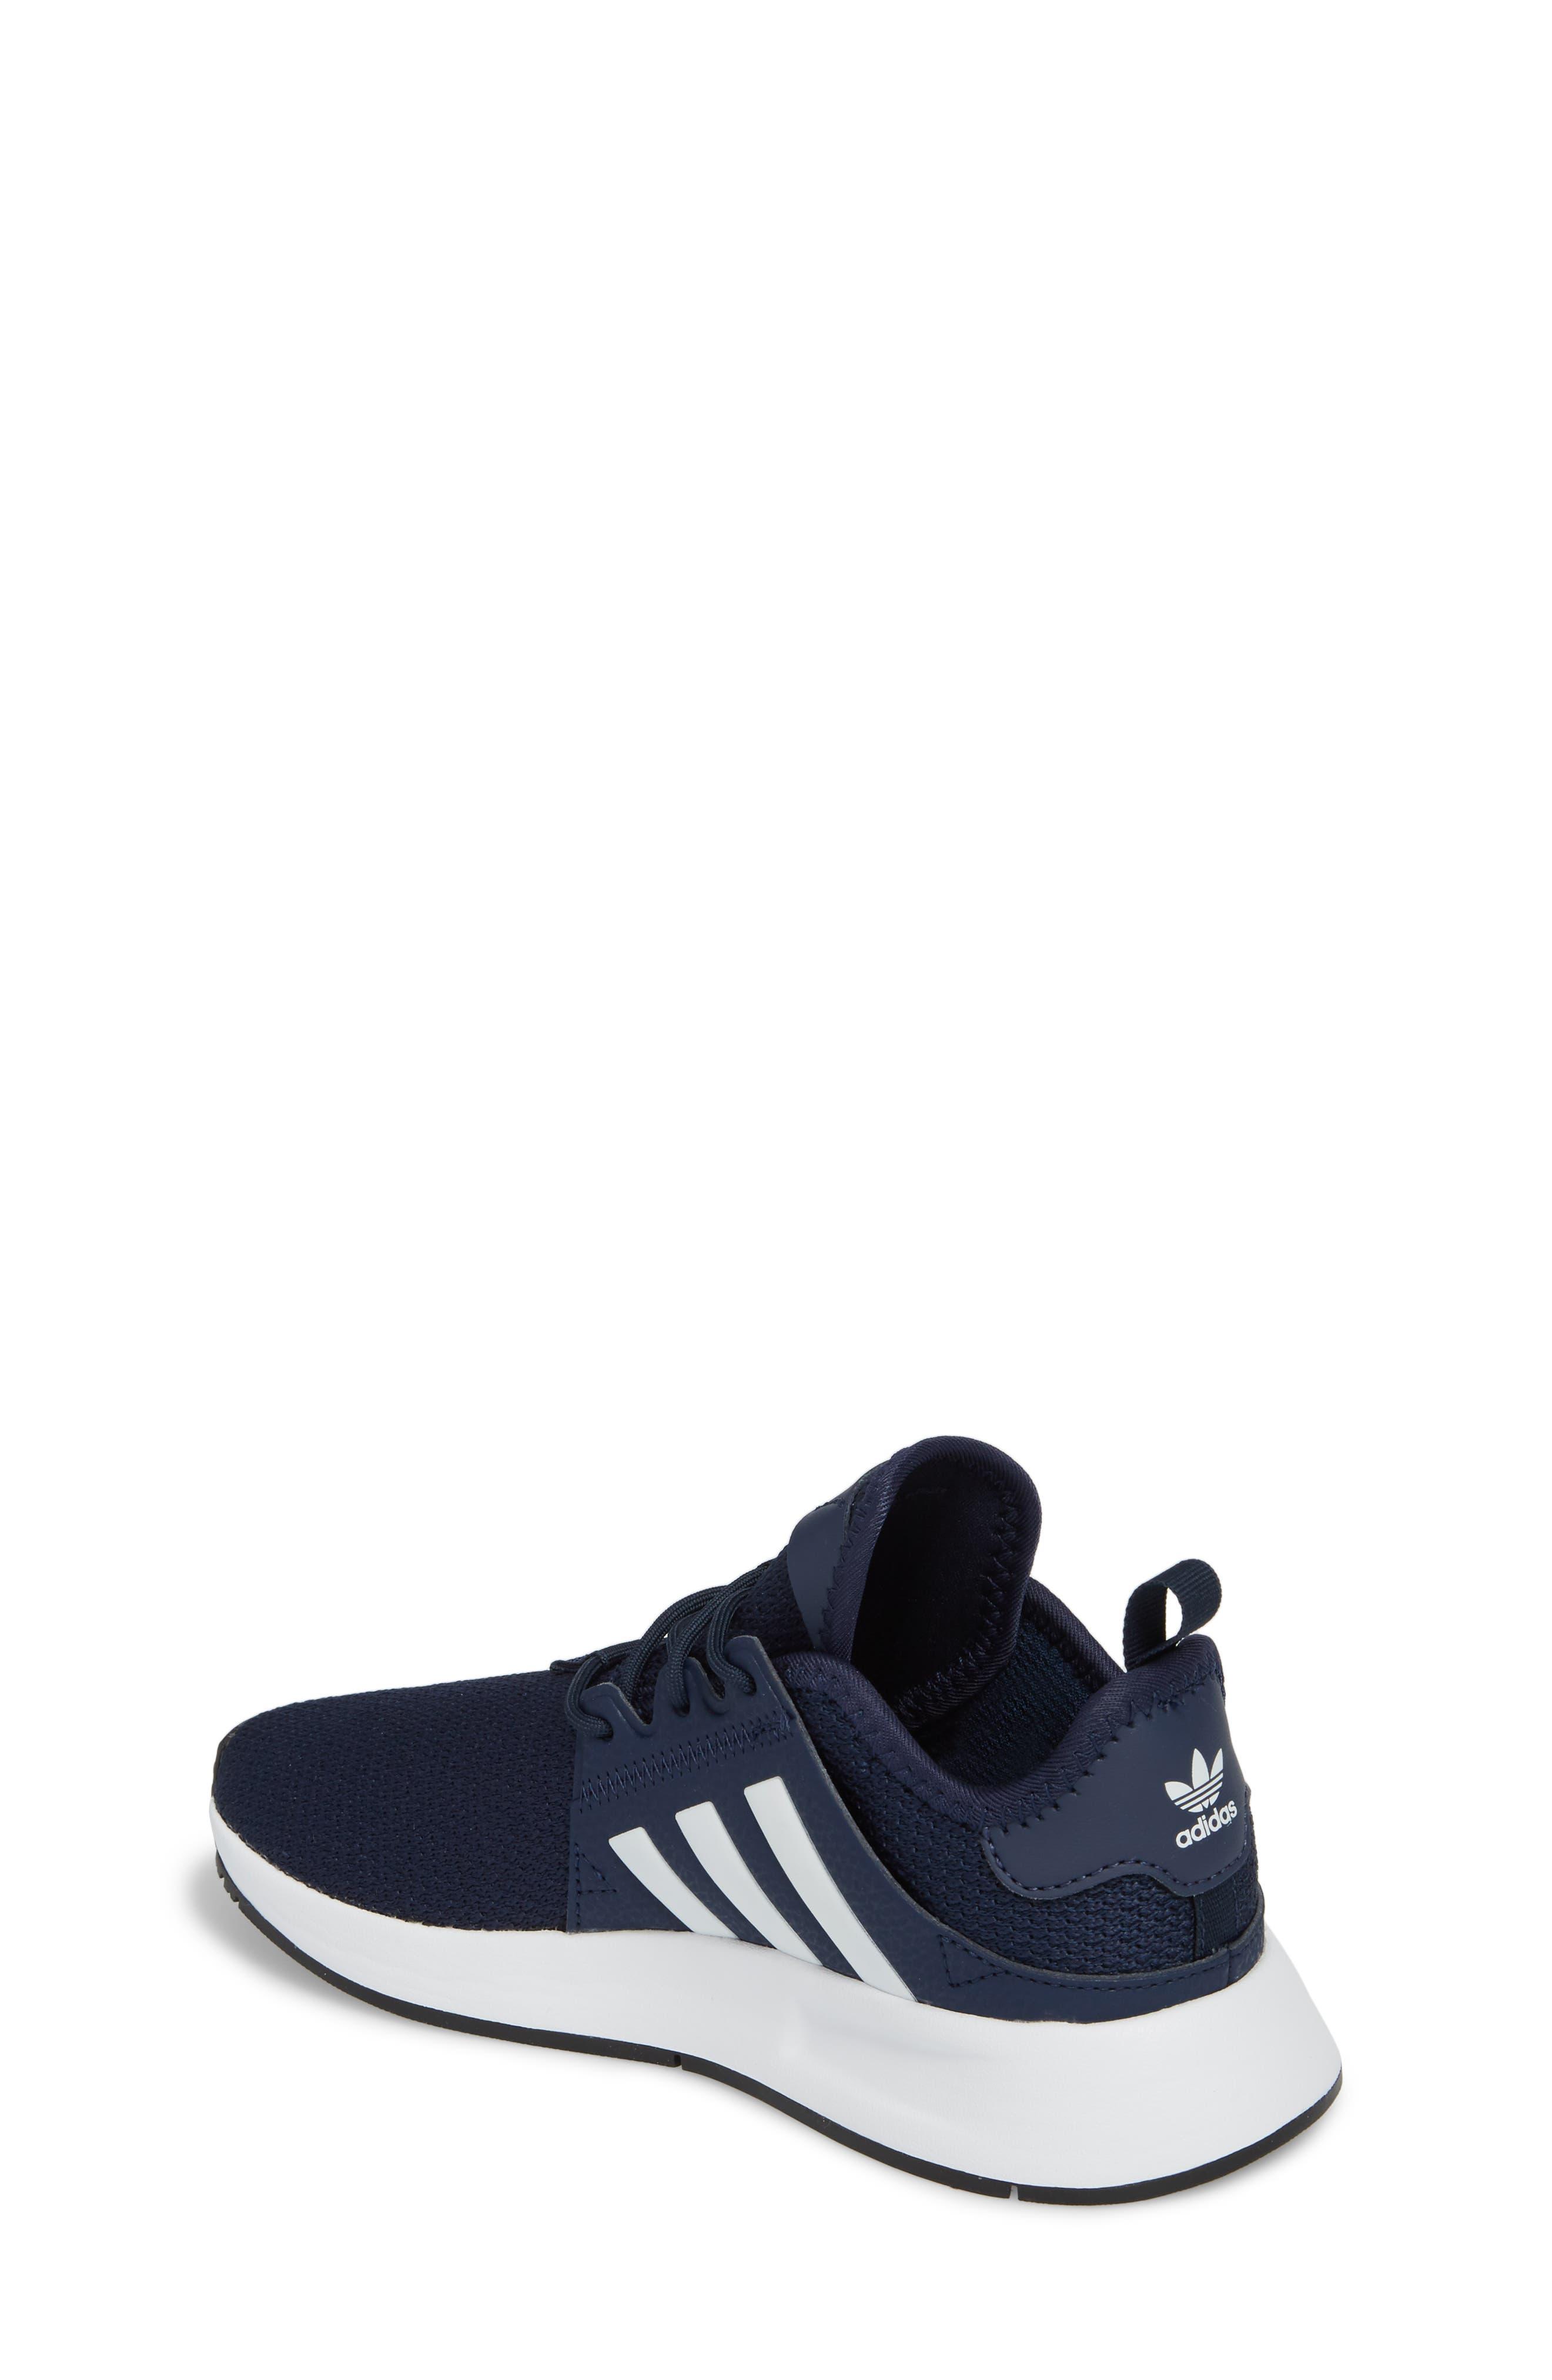 X_PLR Sneaker,                             Alternate thumbnail 2, color,                             COLLEGIATE NAVY/ WHITE